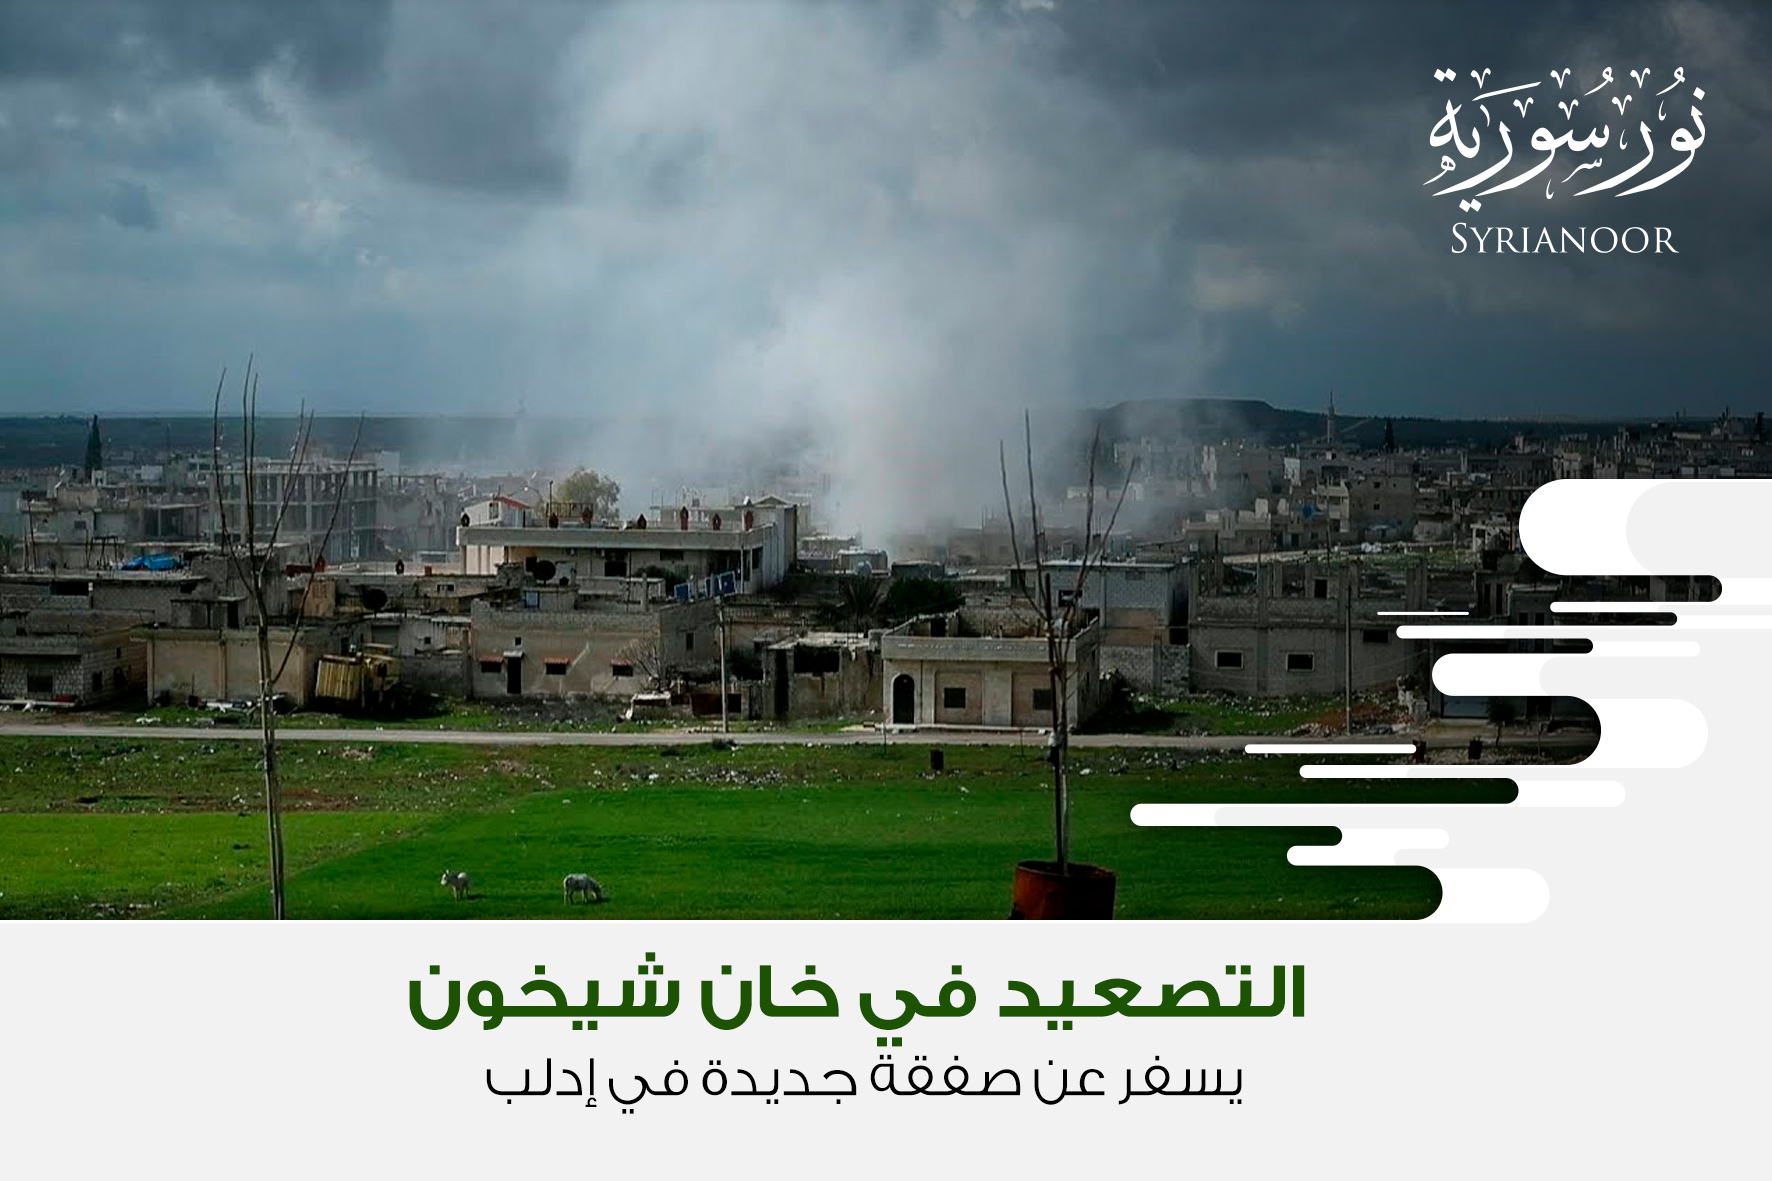 التصعيد في خان شيخون يسفر عن صفقة جديدة في إدلب